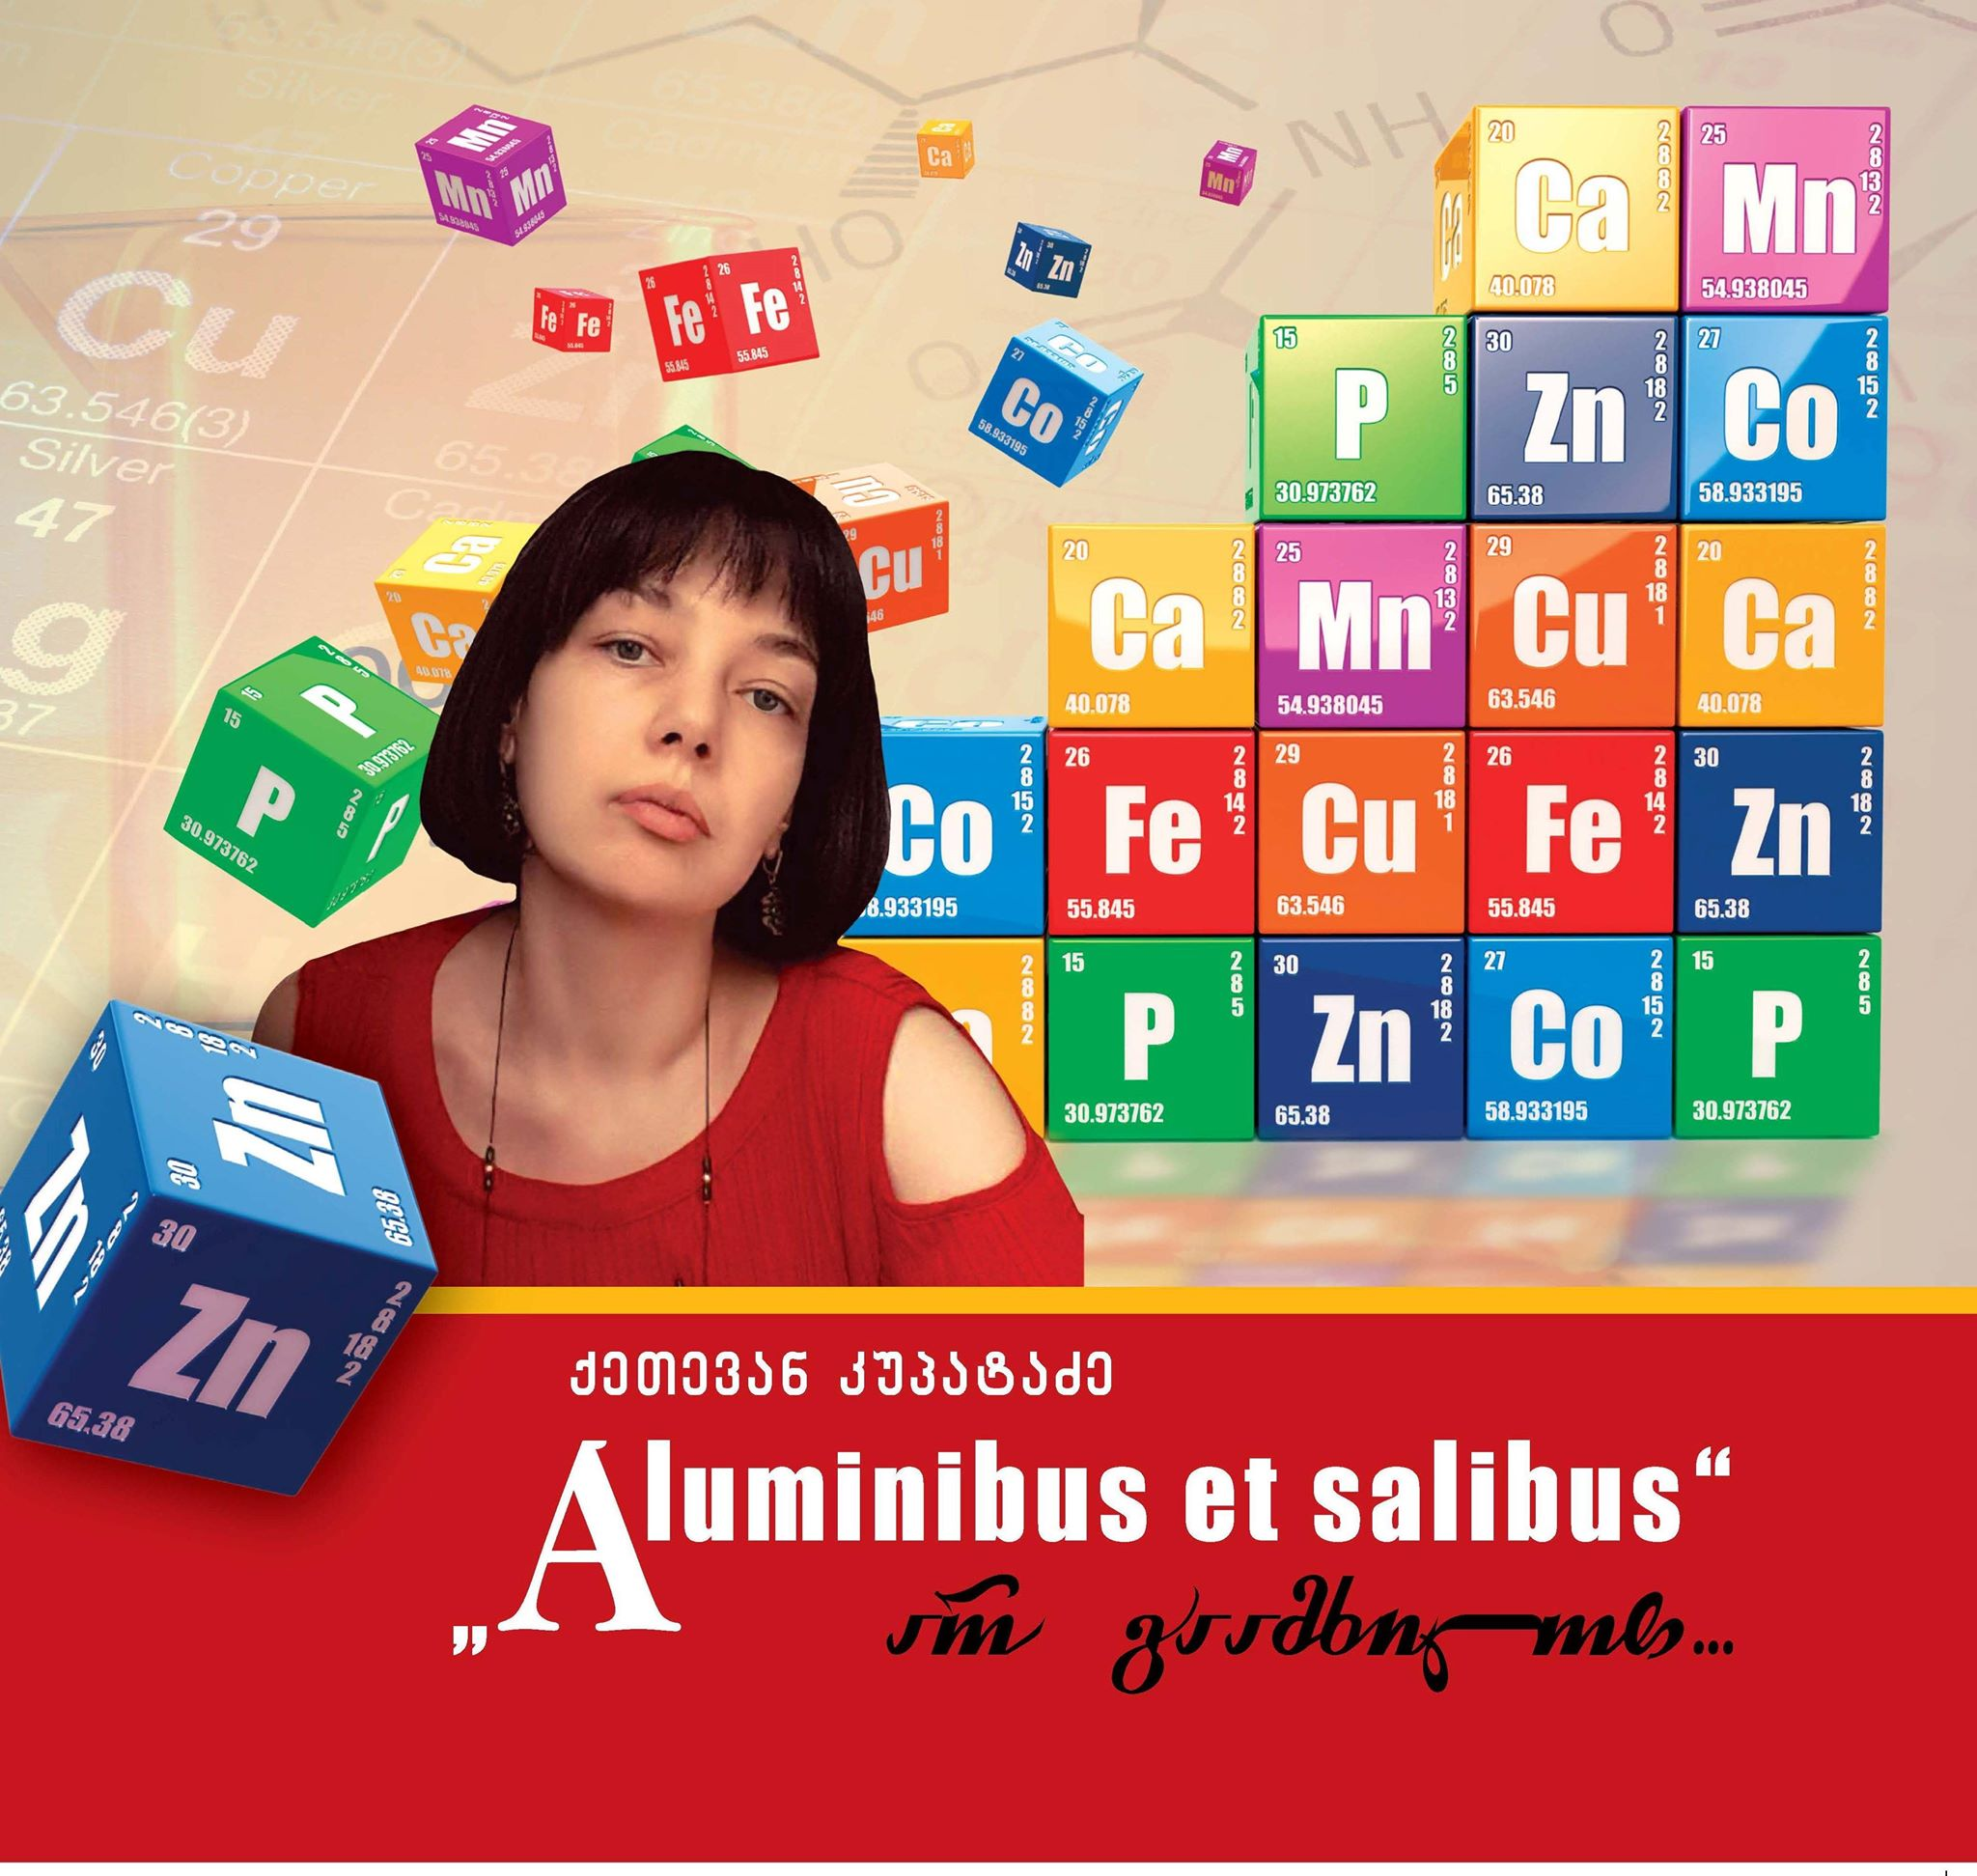 Aluminibus et salibus